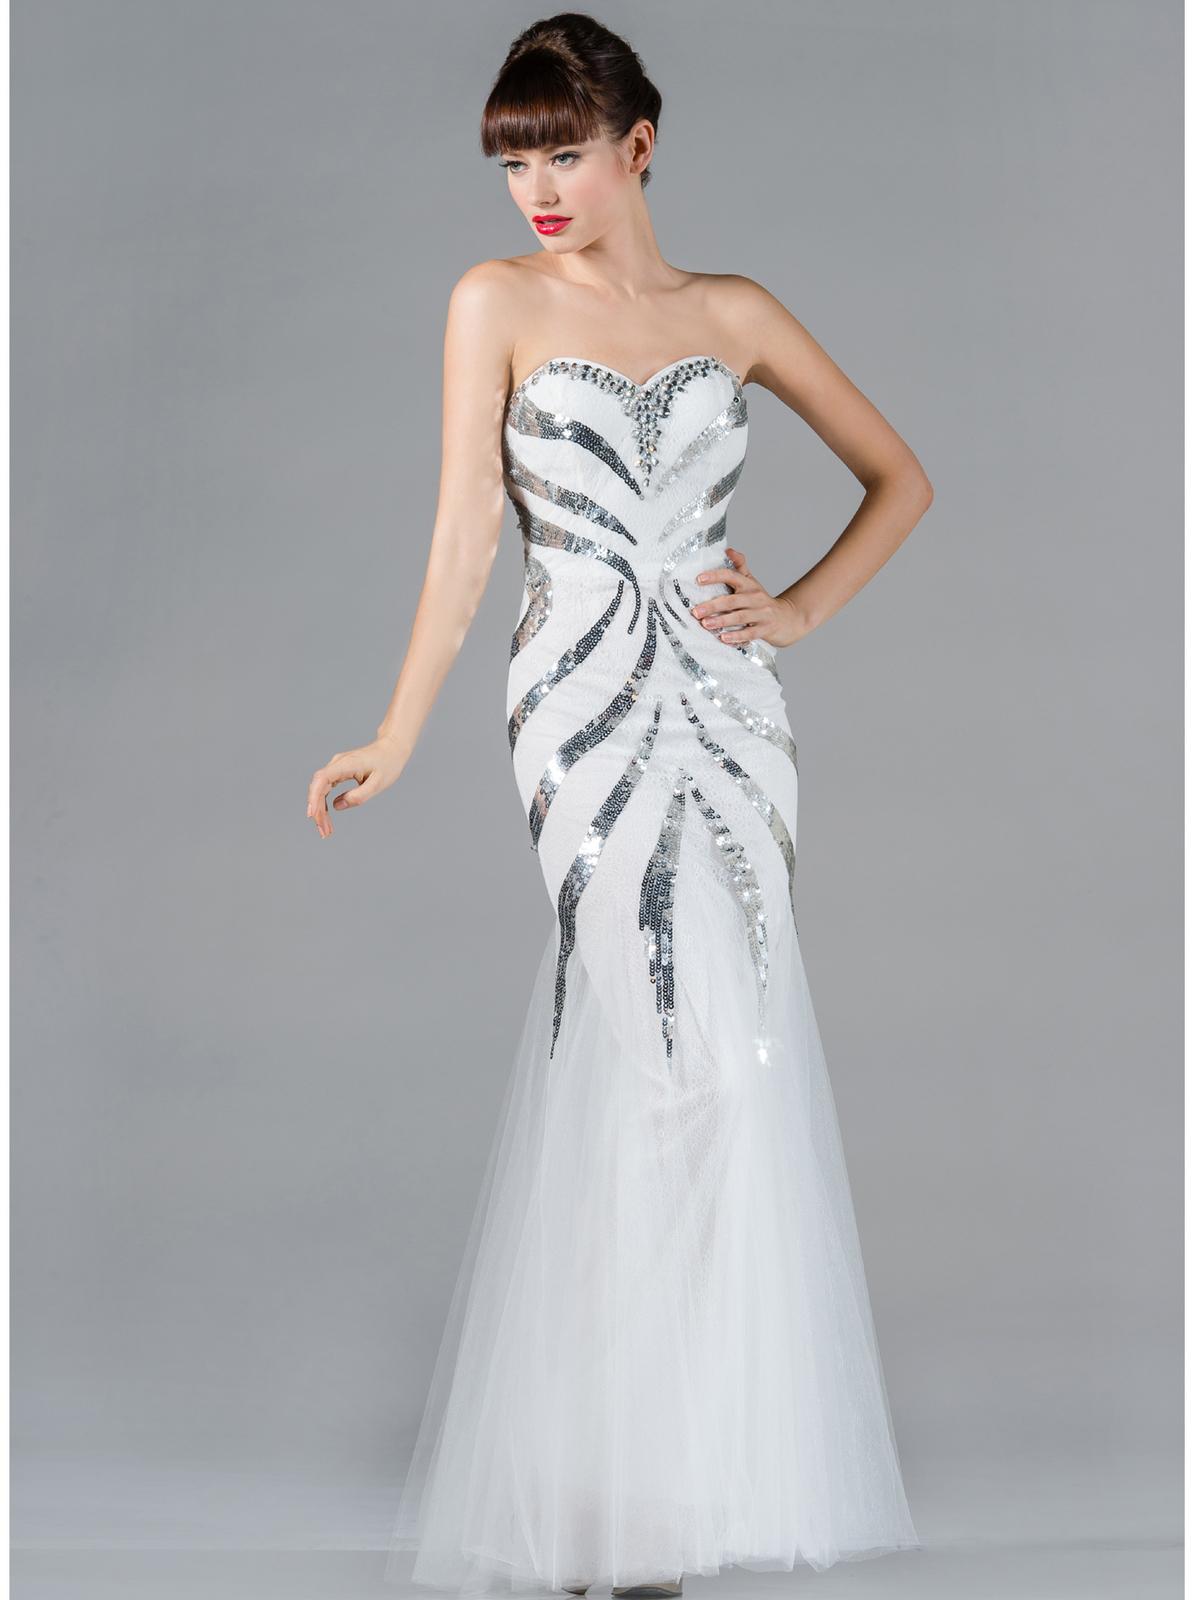 White Mermaid Prom Dress